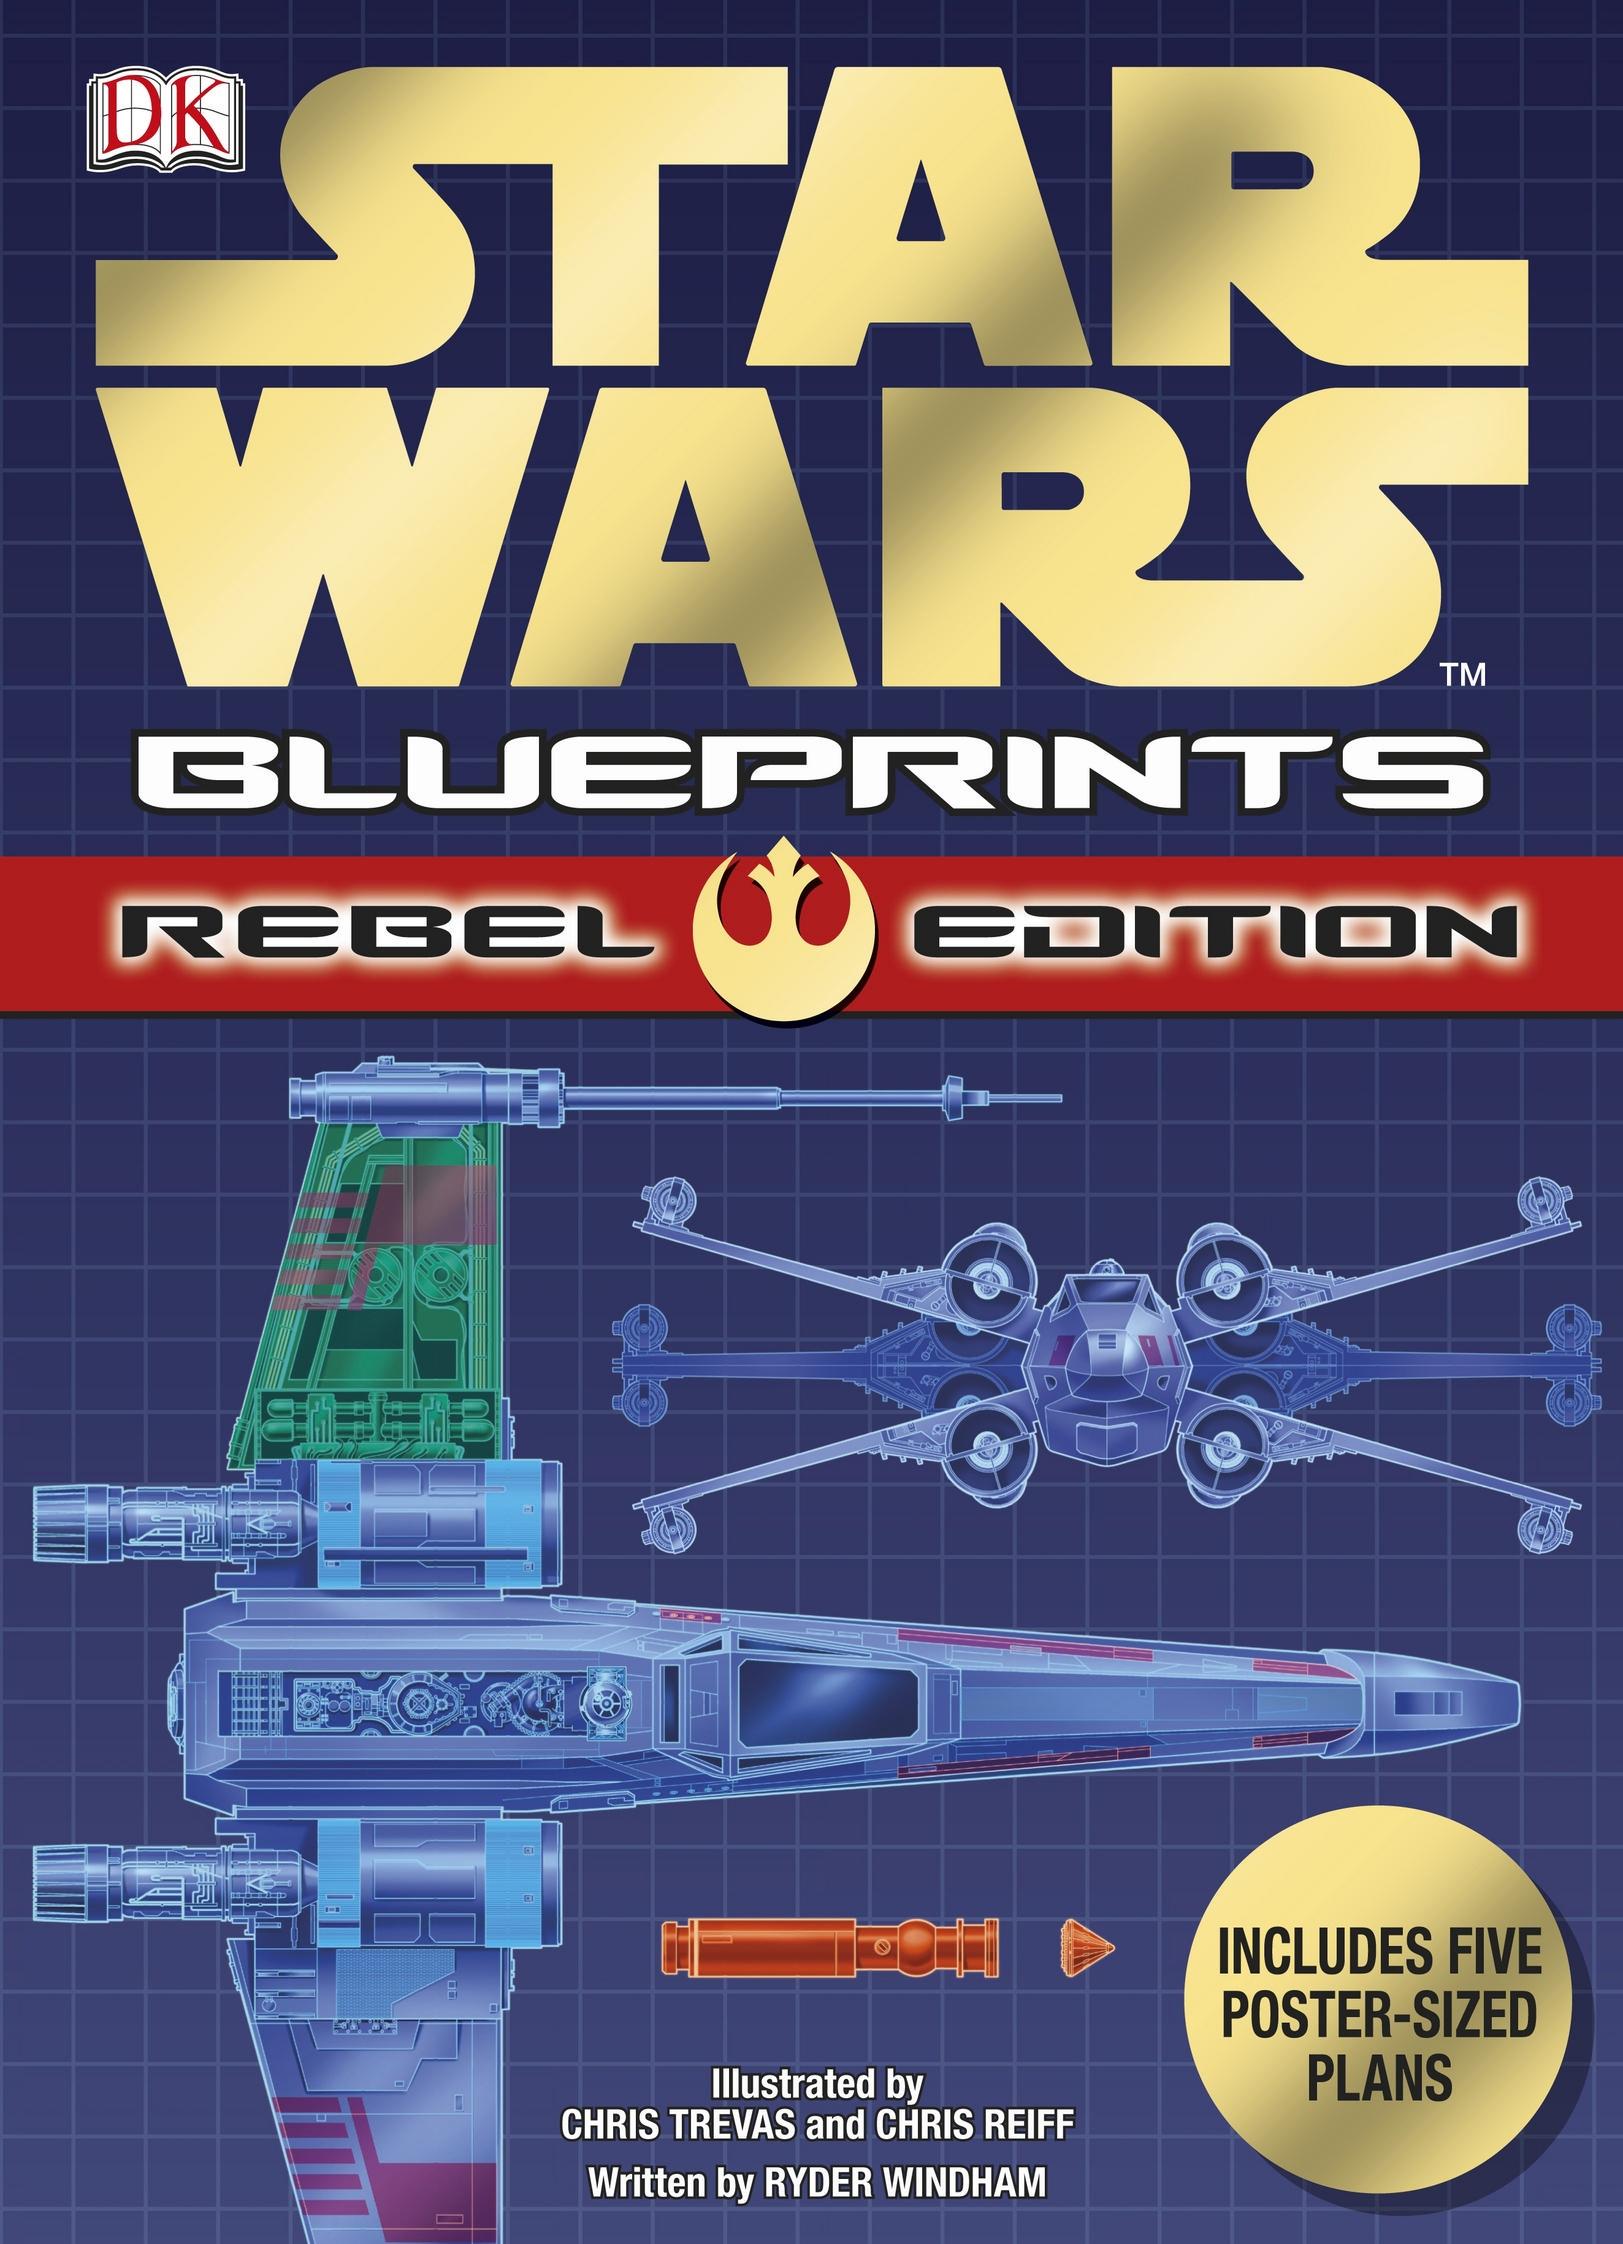 Star wars blueprints rebel edition wookieepedia fandom powered star wars blueprints rebel edition wookieepedia fandom powered by wikia malvernweather Images